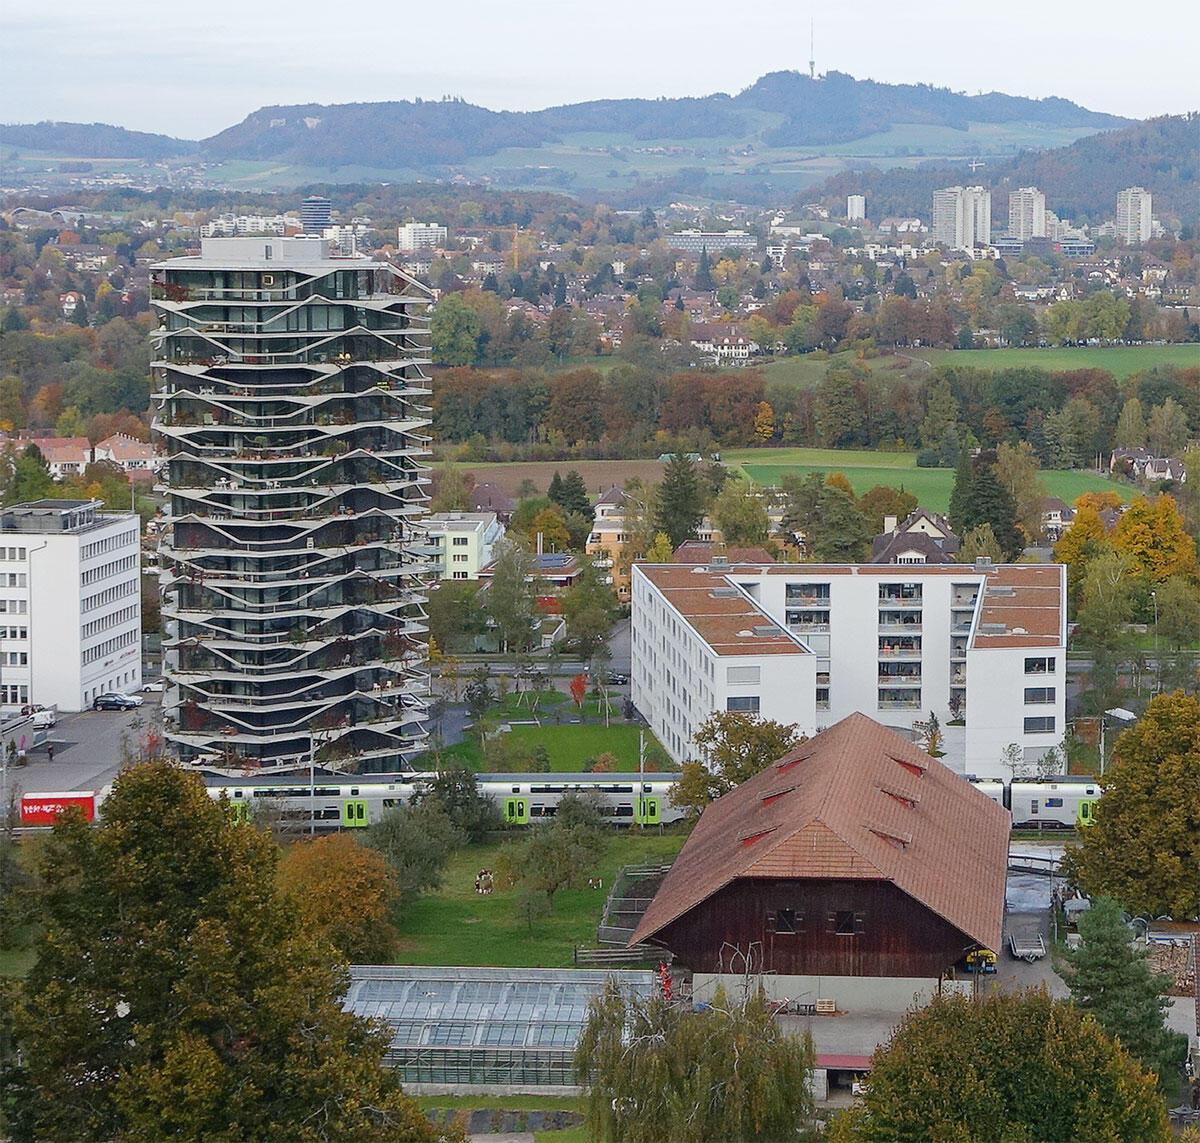 Bewegtes Flaggschiff in der Vorstadt: Der Garden-Tower von Buchner Bründler Architekten neben dem introvertierten Hofhaus von LVPH architectes.